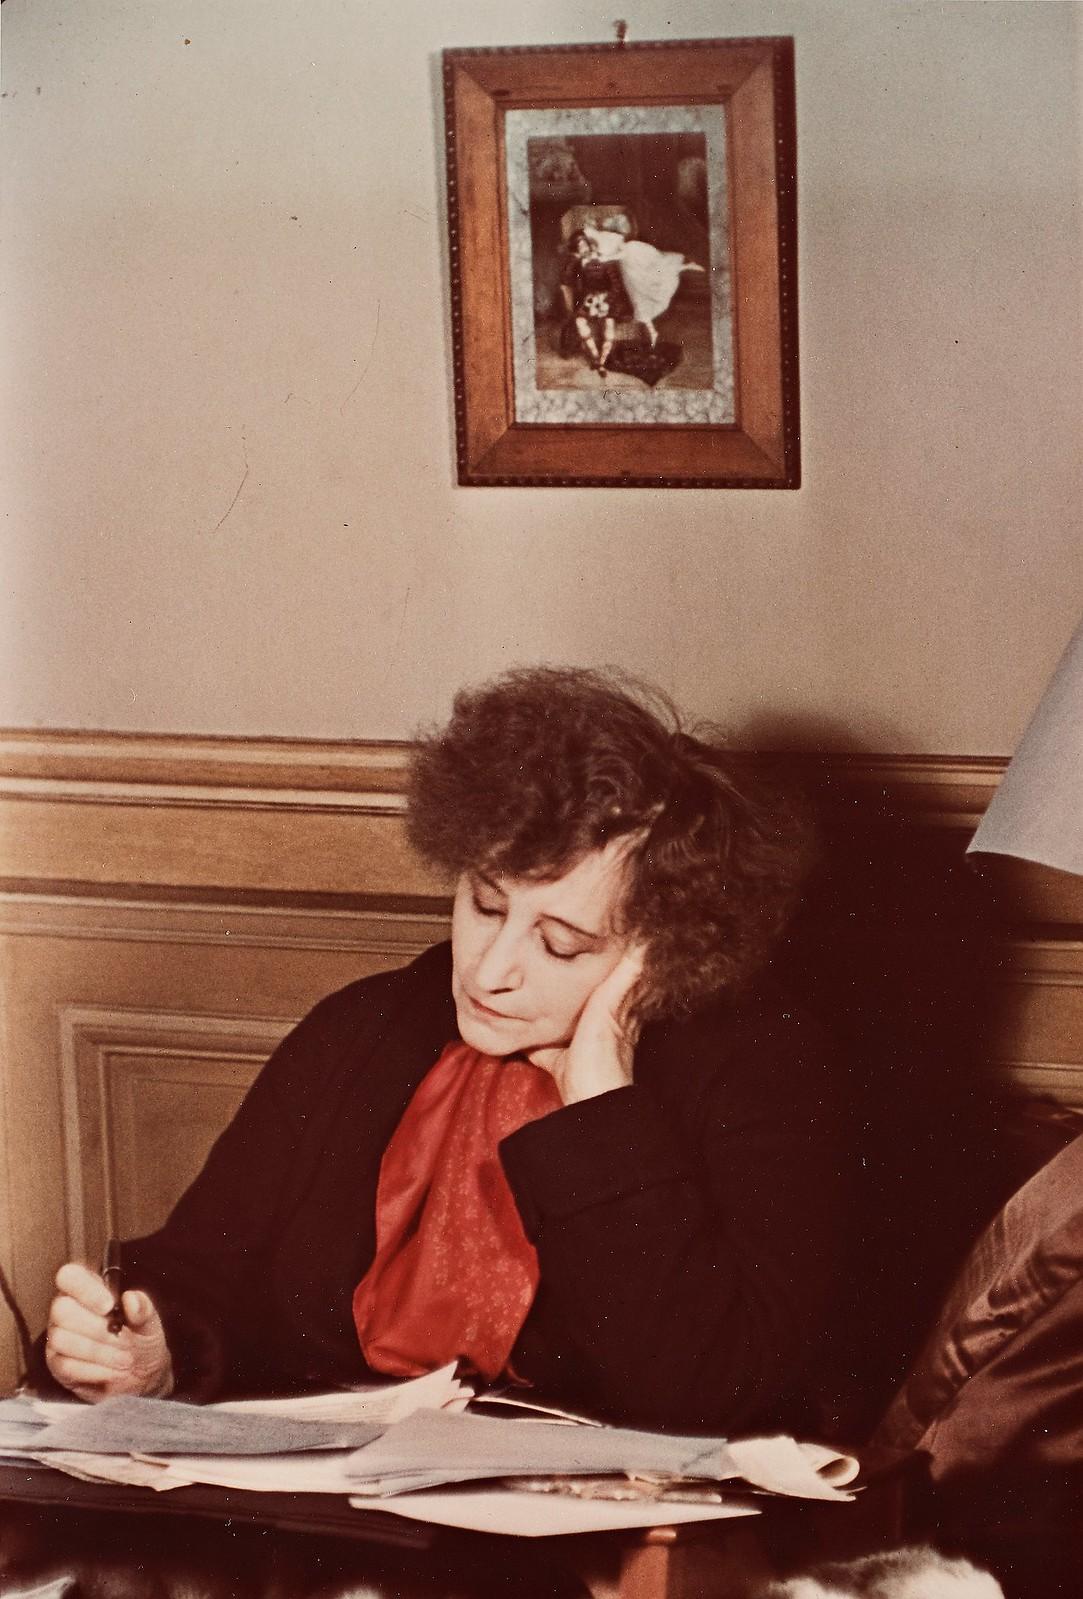 1939. Колетт (французская писательница, одна из звёзд Прекрасной эпохи; член Гонкуровской академии с 1945 года)